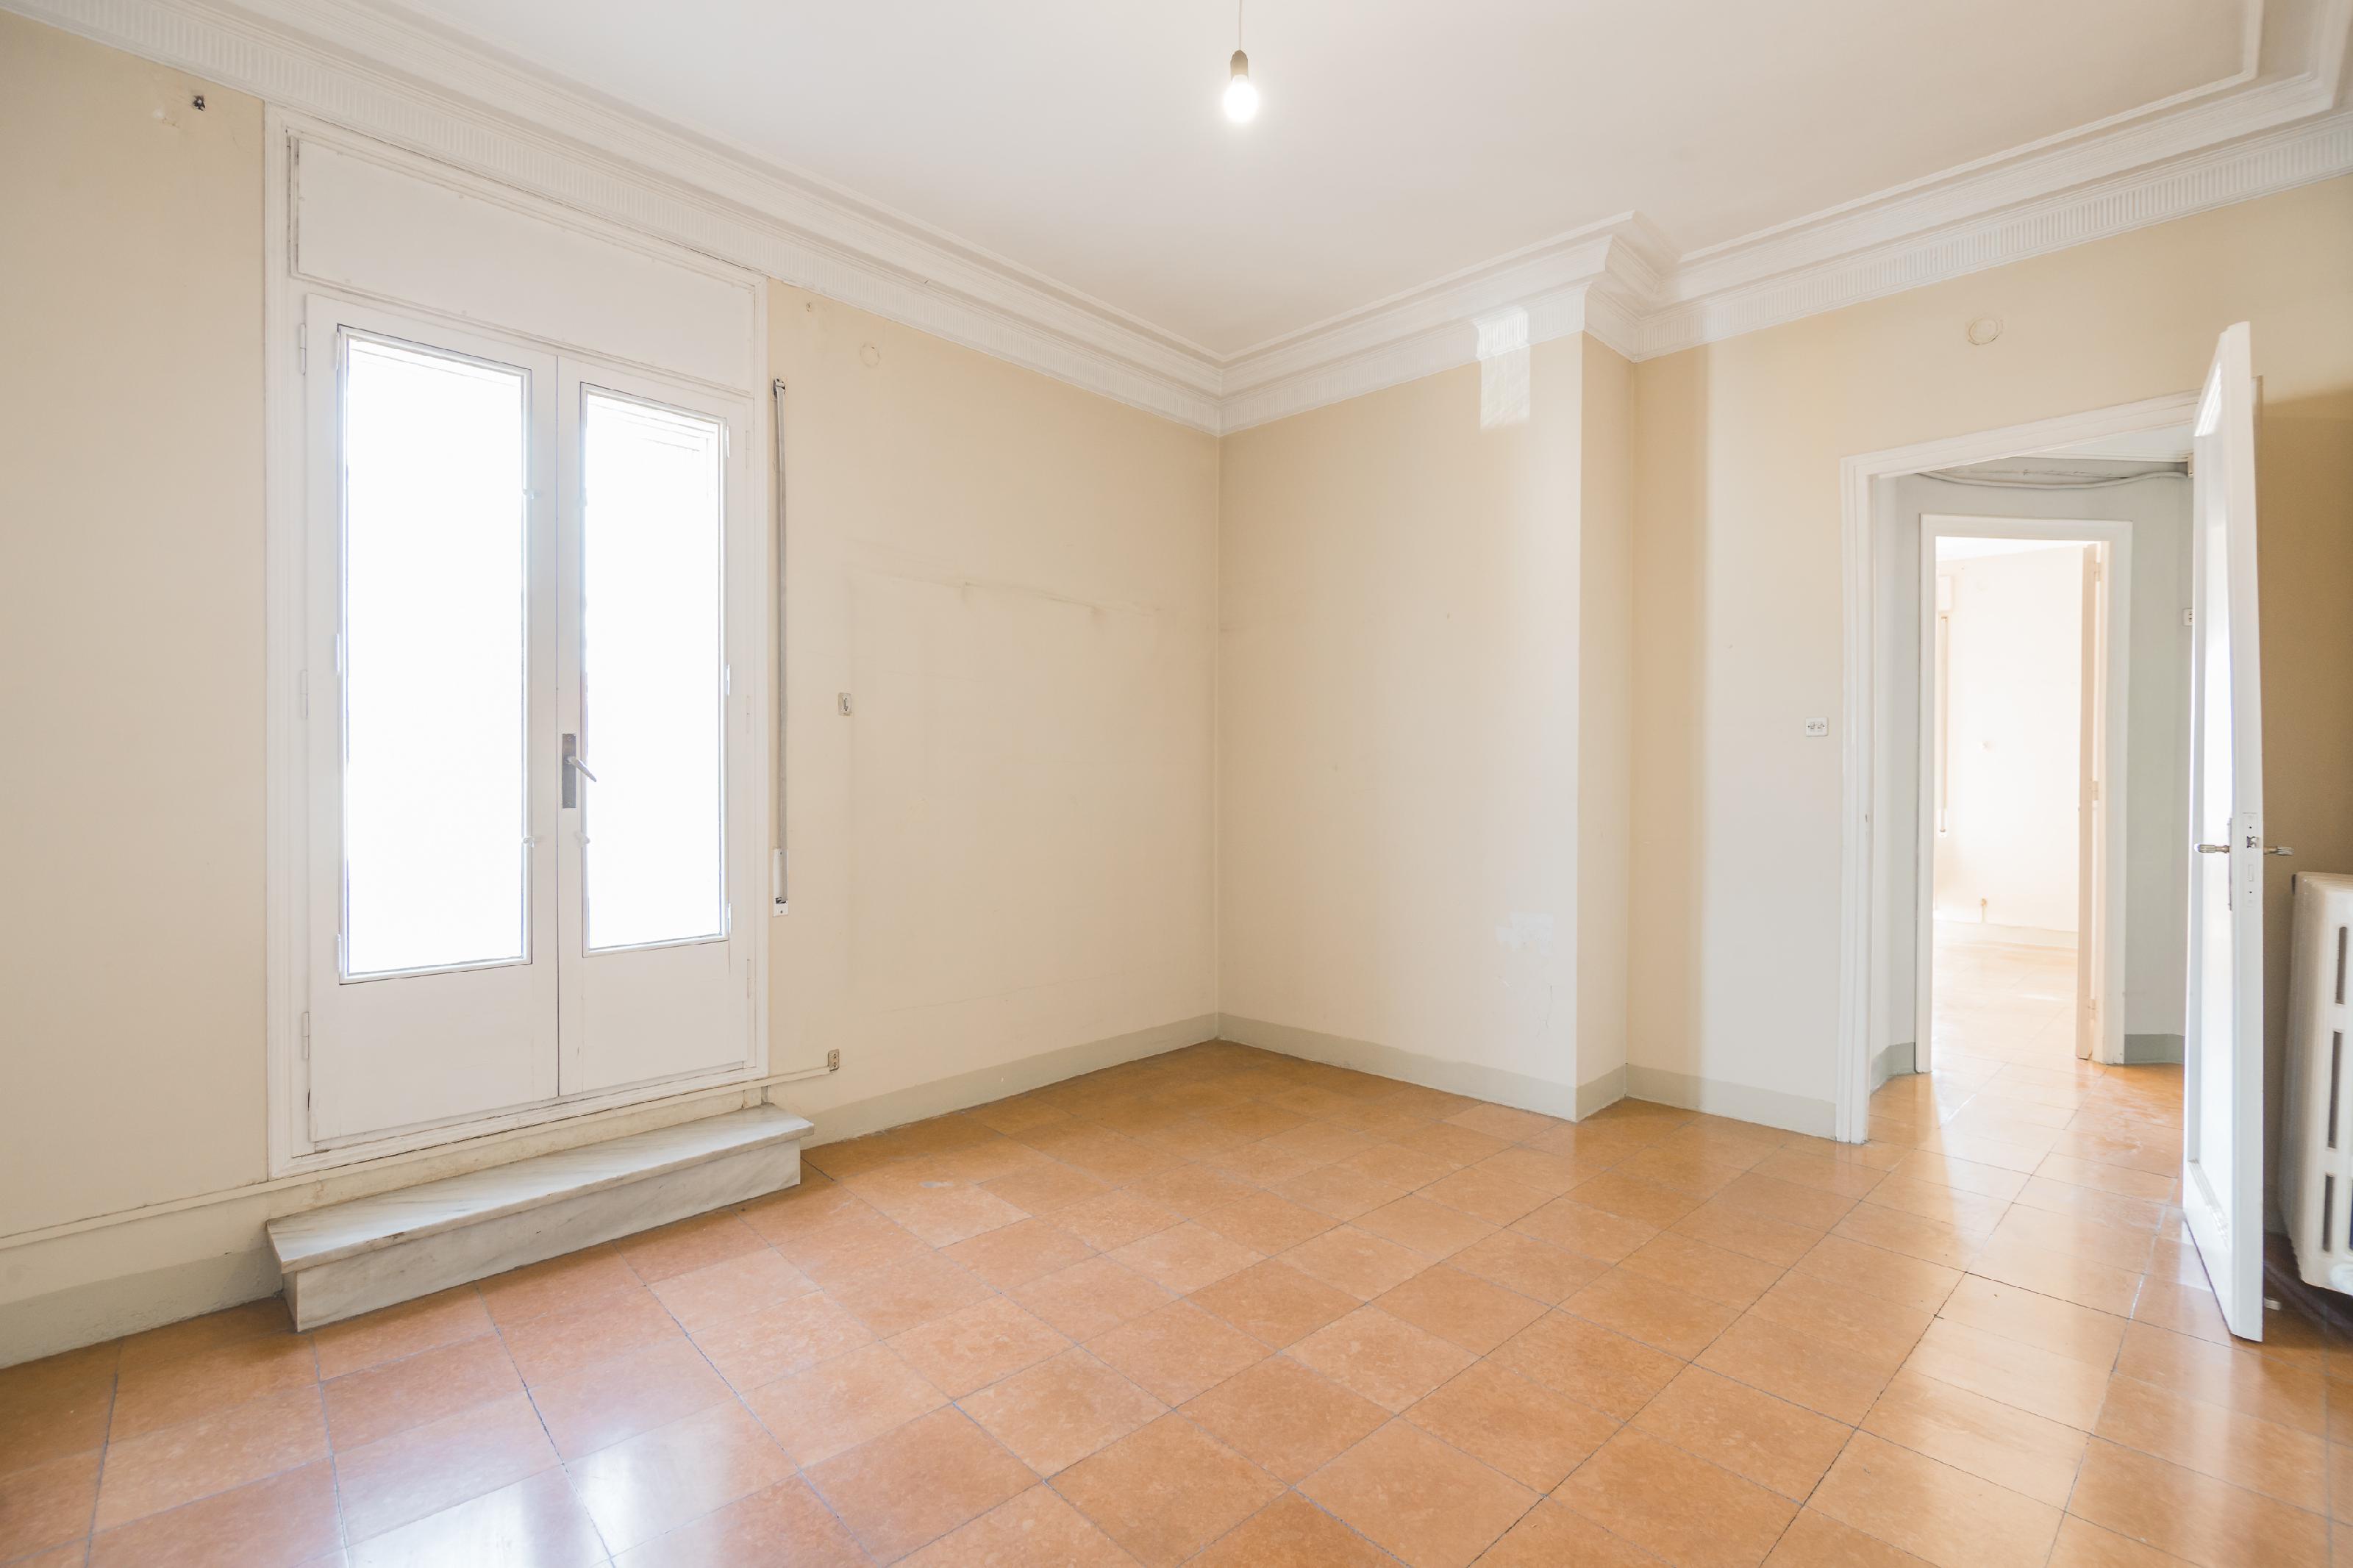 246643 Ático en venda en Sarrià-Sant Gervasi, St. Gervasi-Bonanova 26